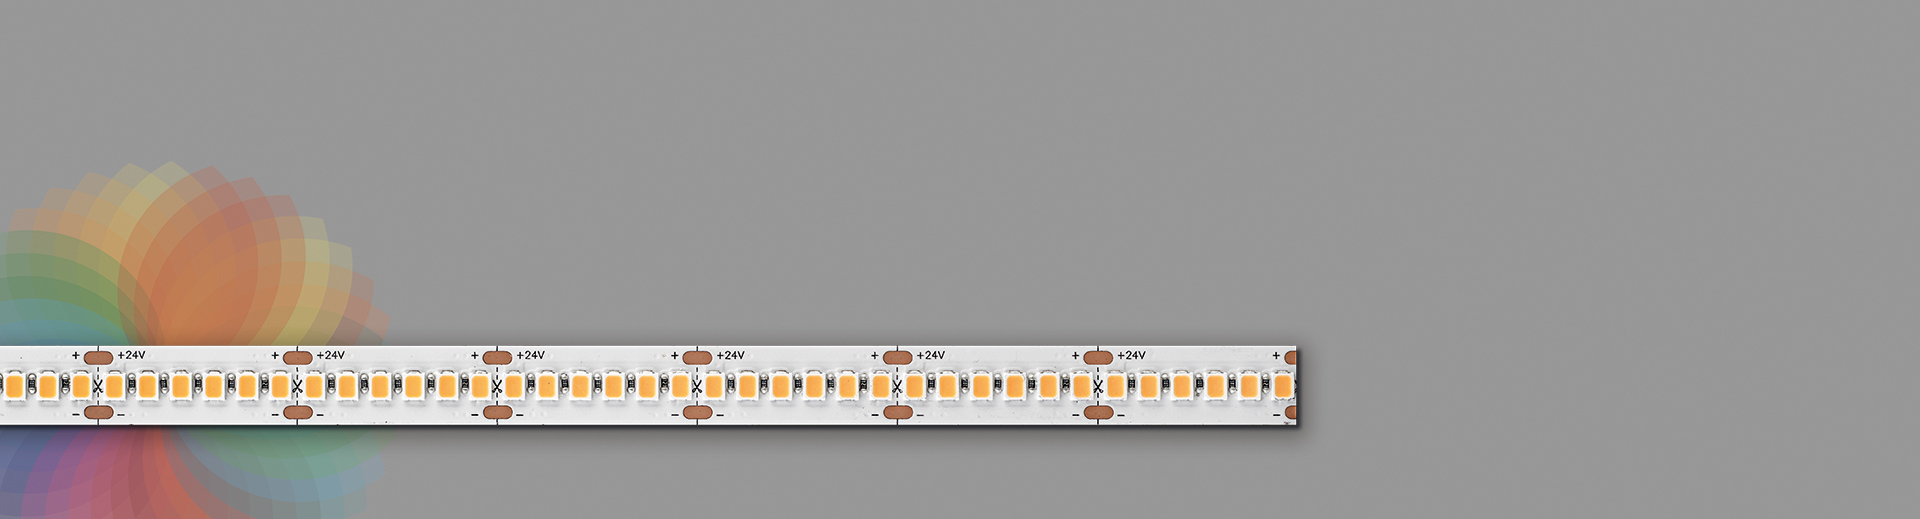 DuraLamp_DT Full Spectrum_Banner (1)